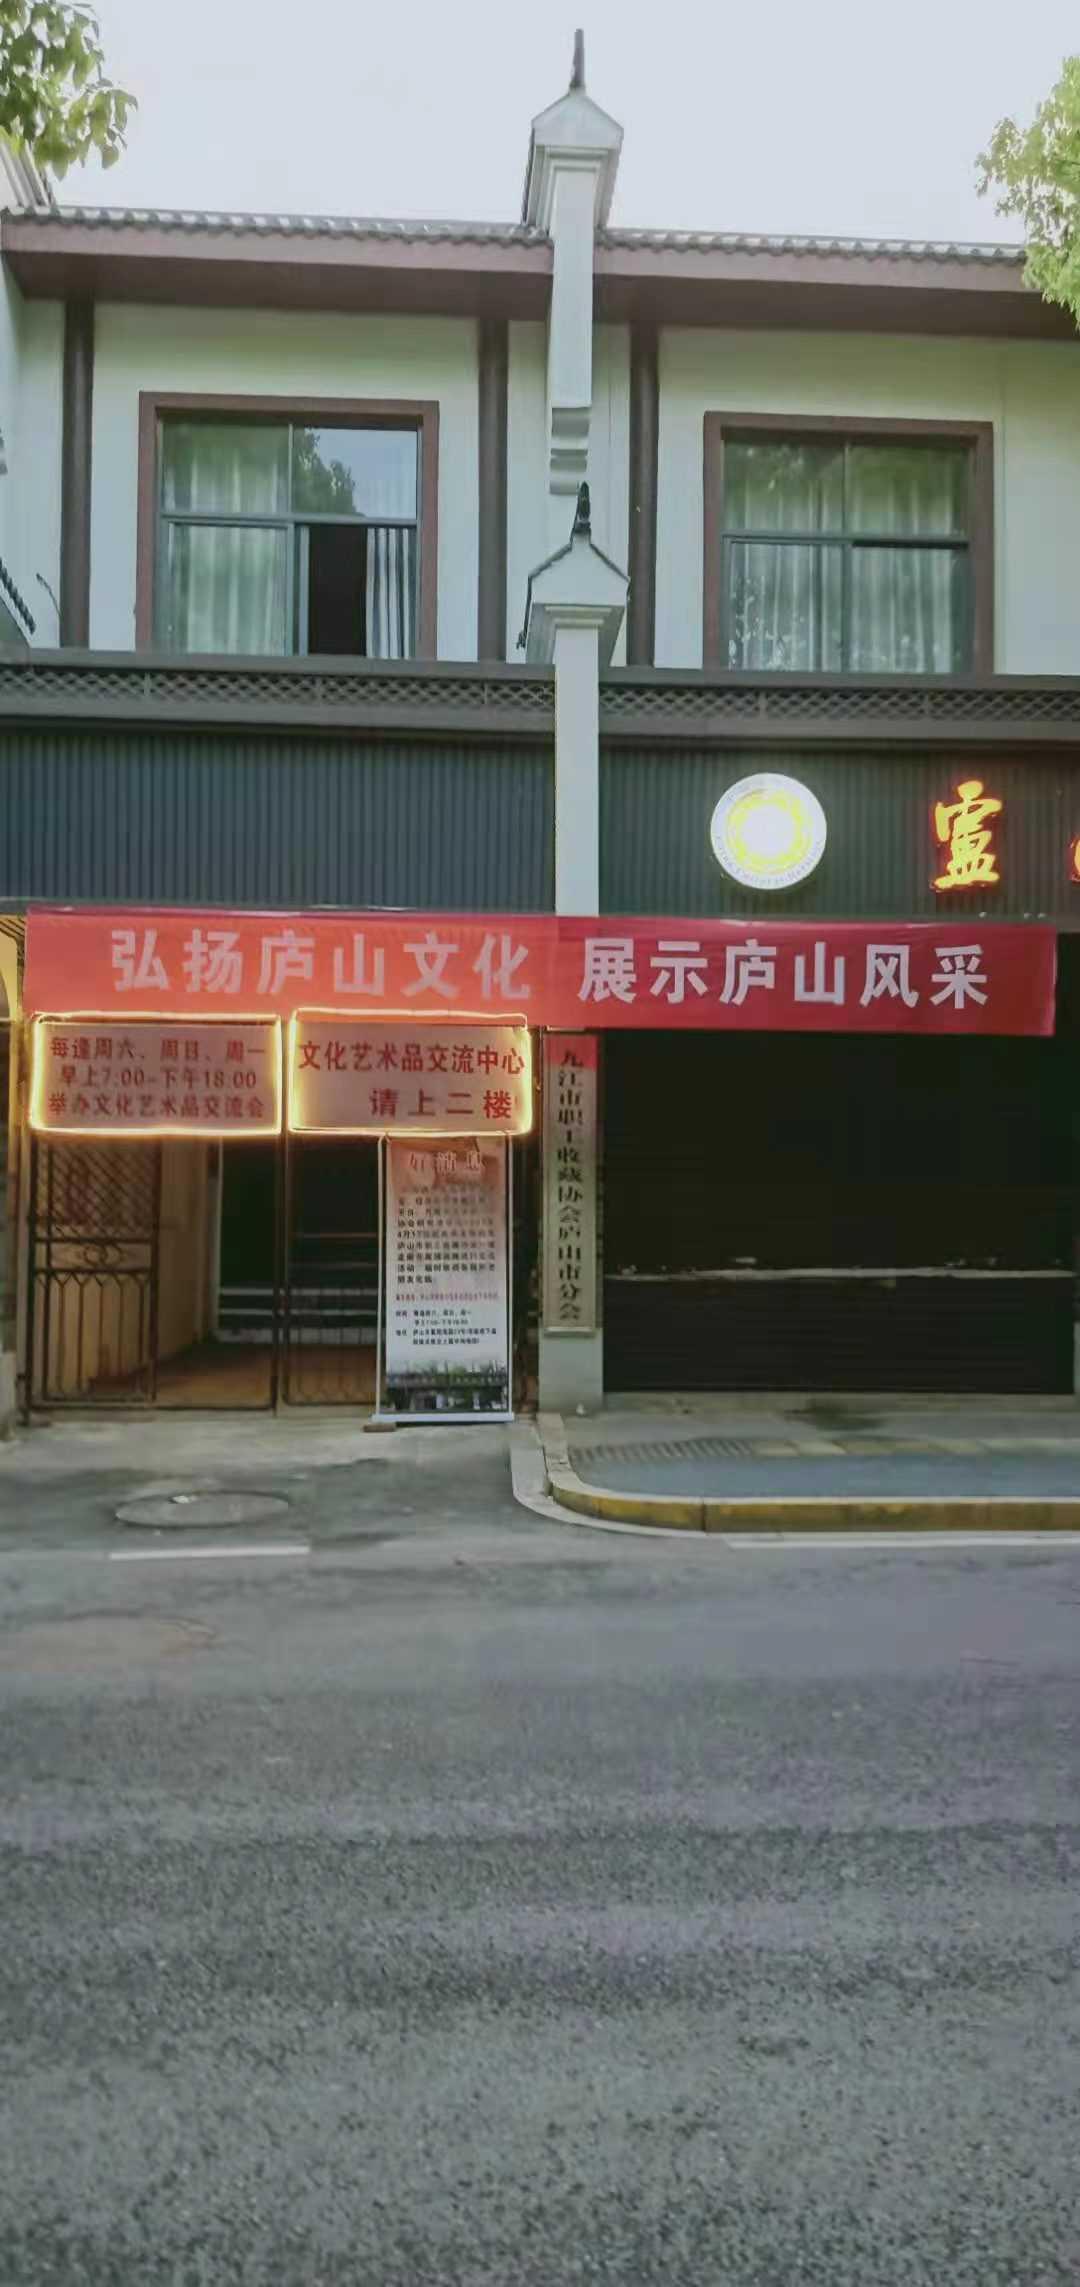 好消息!庐山市职工收藏协会4月17日起摆地摊发展经济活动!